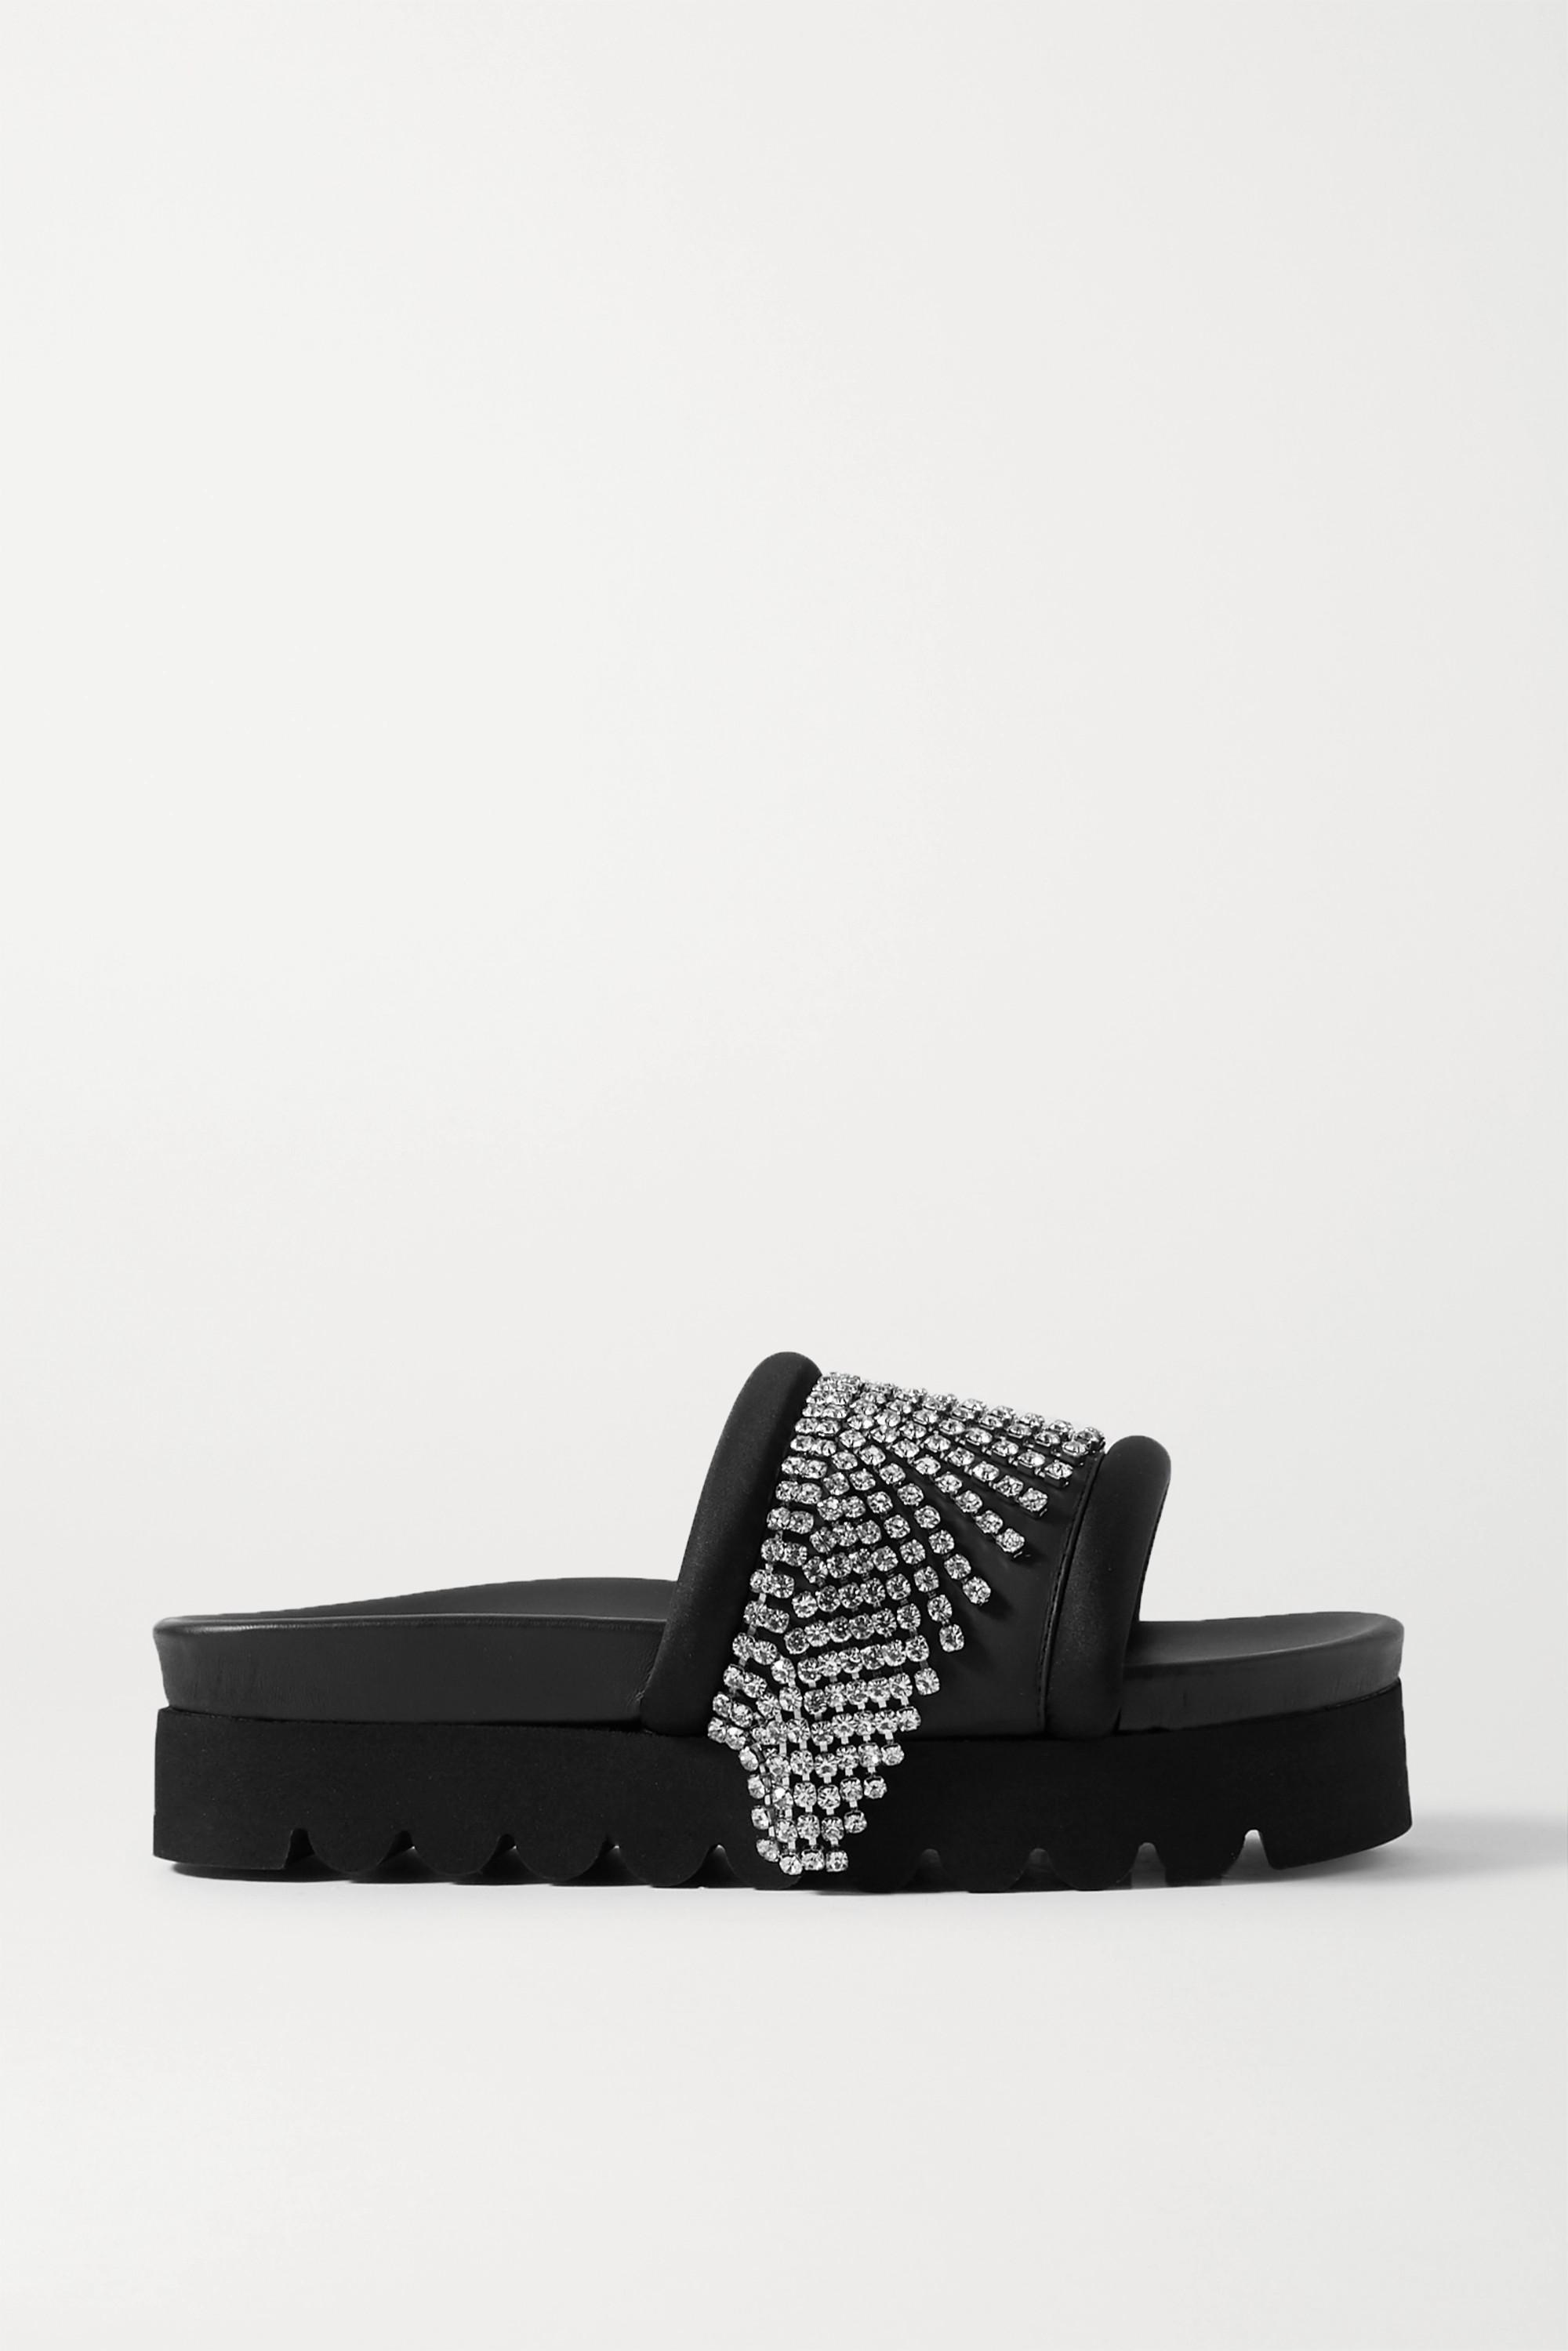 platform black slides